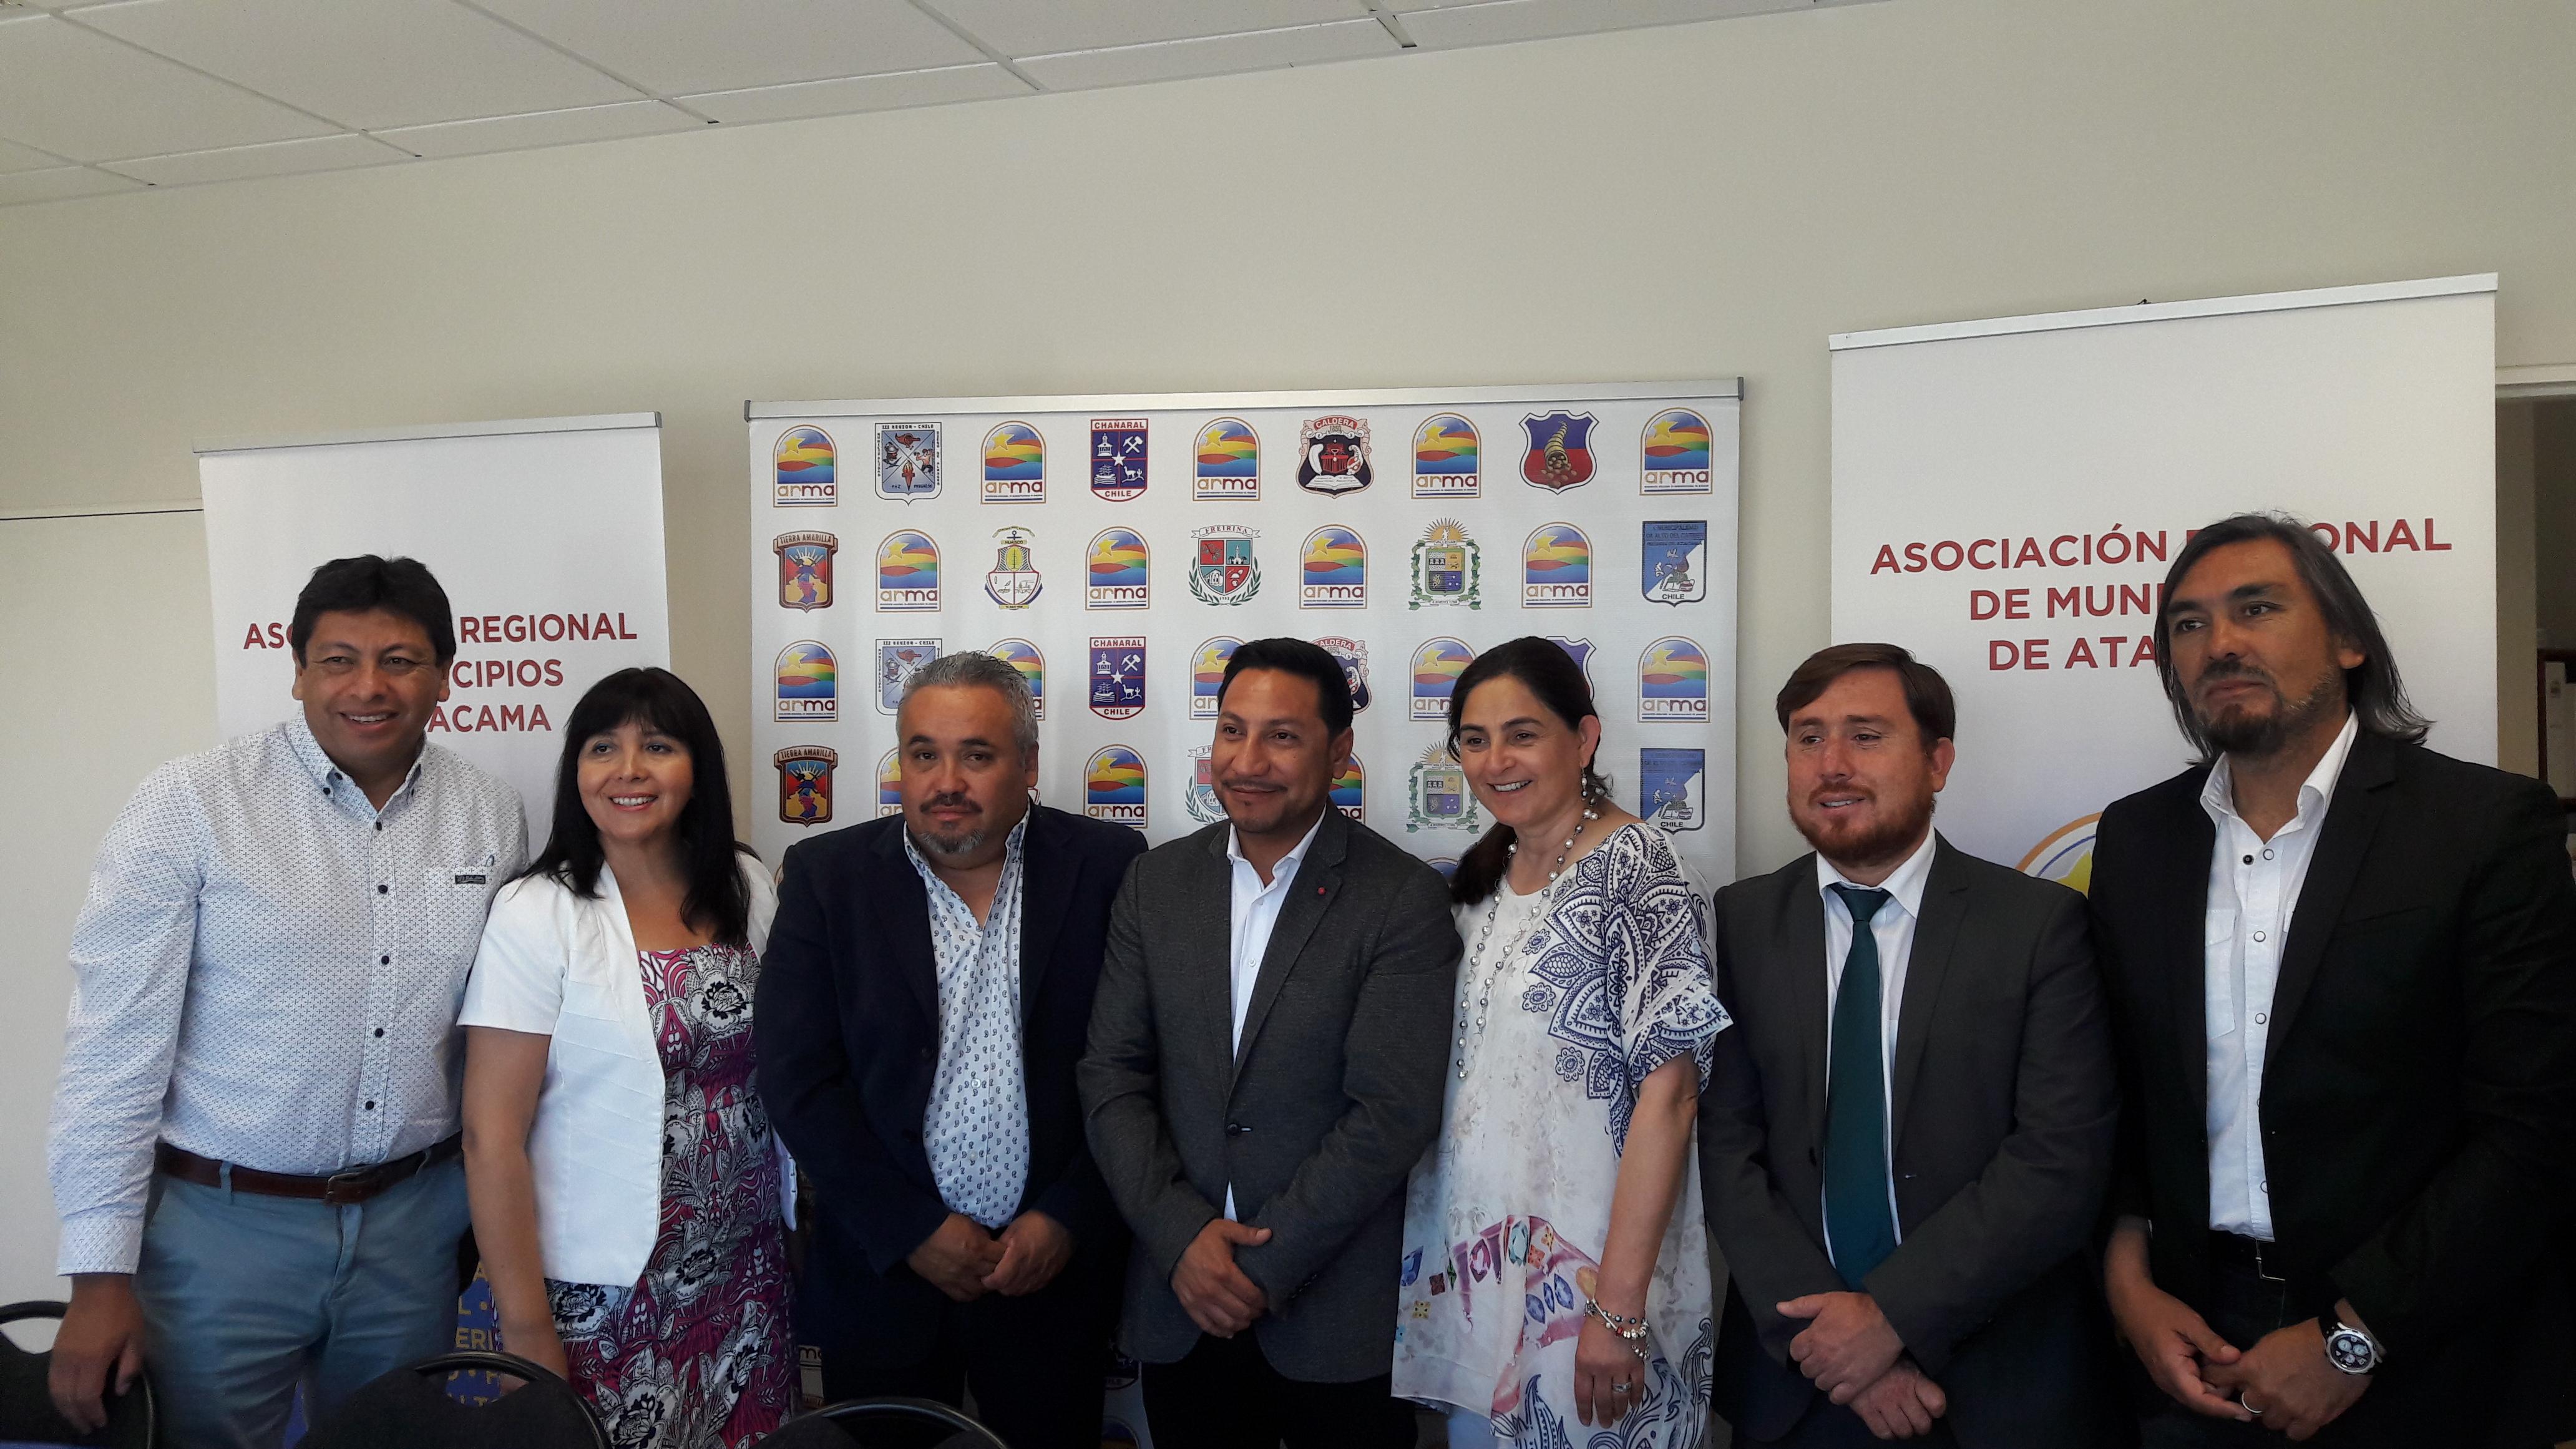 Alcaldes de Atacama piden respuestas por aportes de Casino Antay